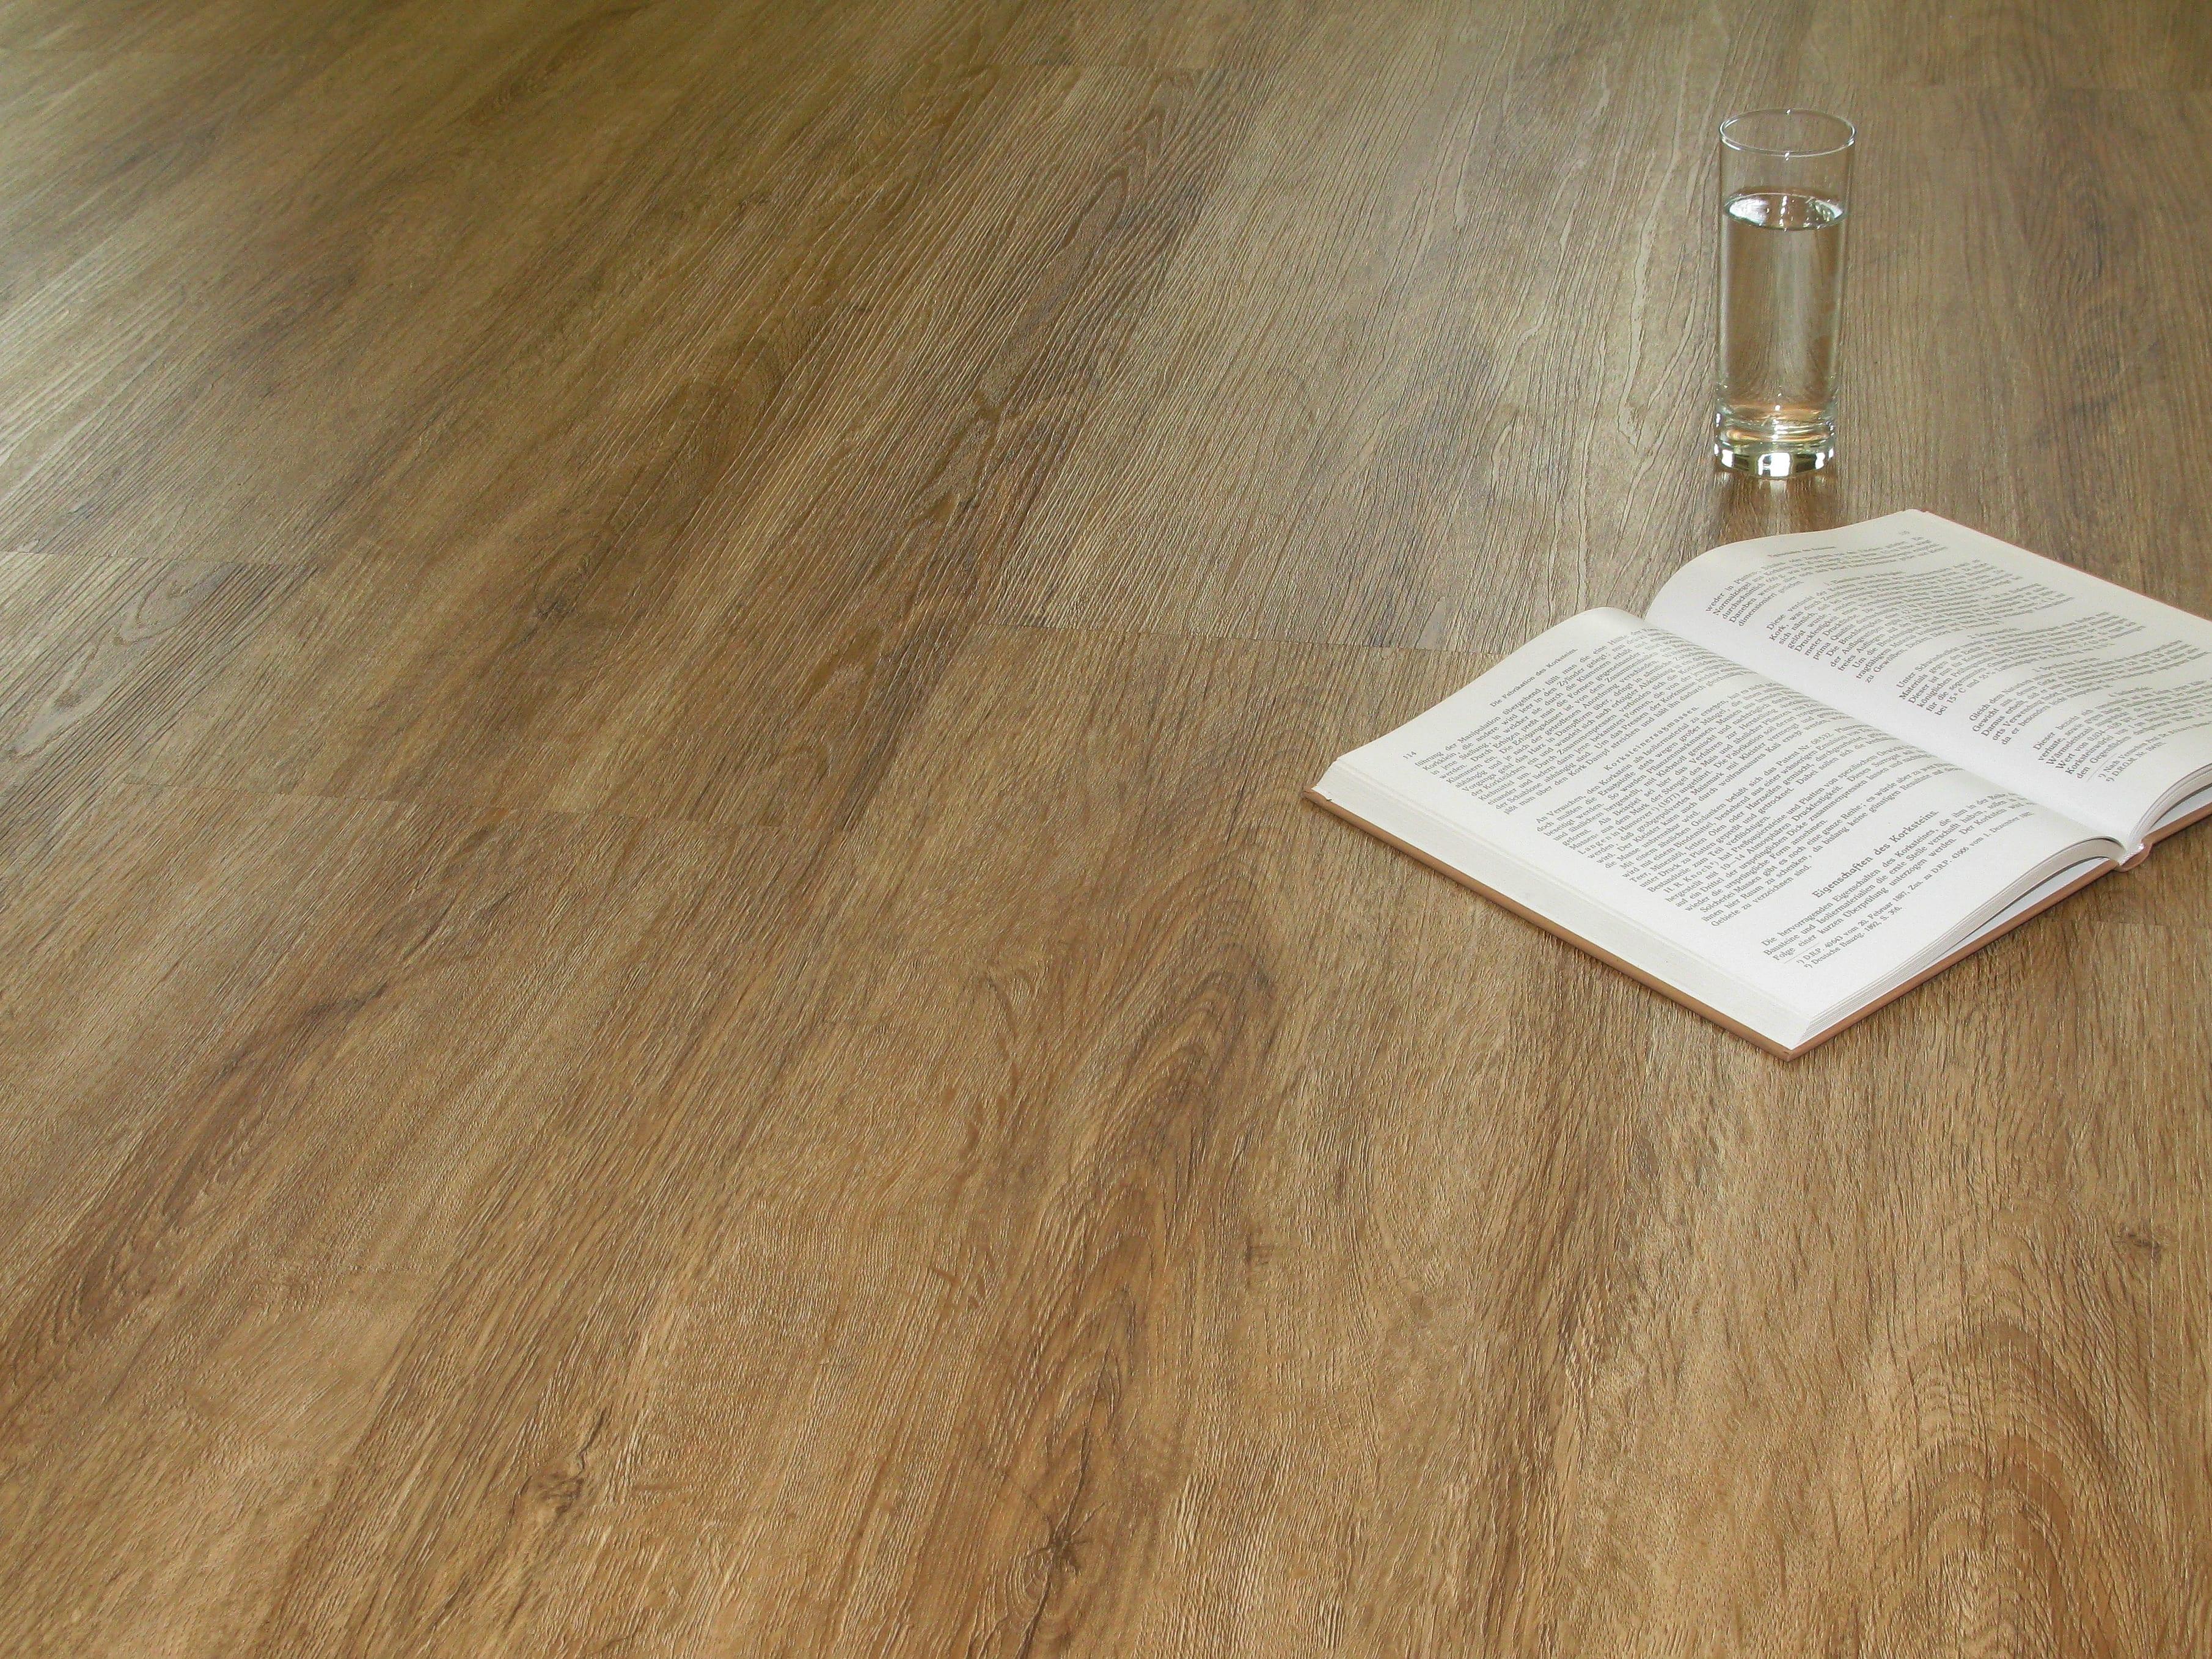 eiche rustikal eiche holzoptik dekor vinylboden kleben vinylboden raumtrend hinze. Black Bedroom Furniture Sets. Home Design Ideas